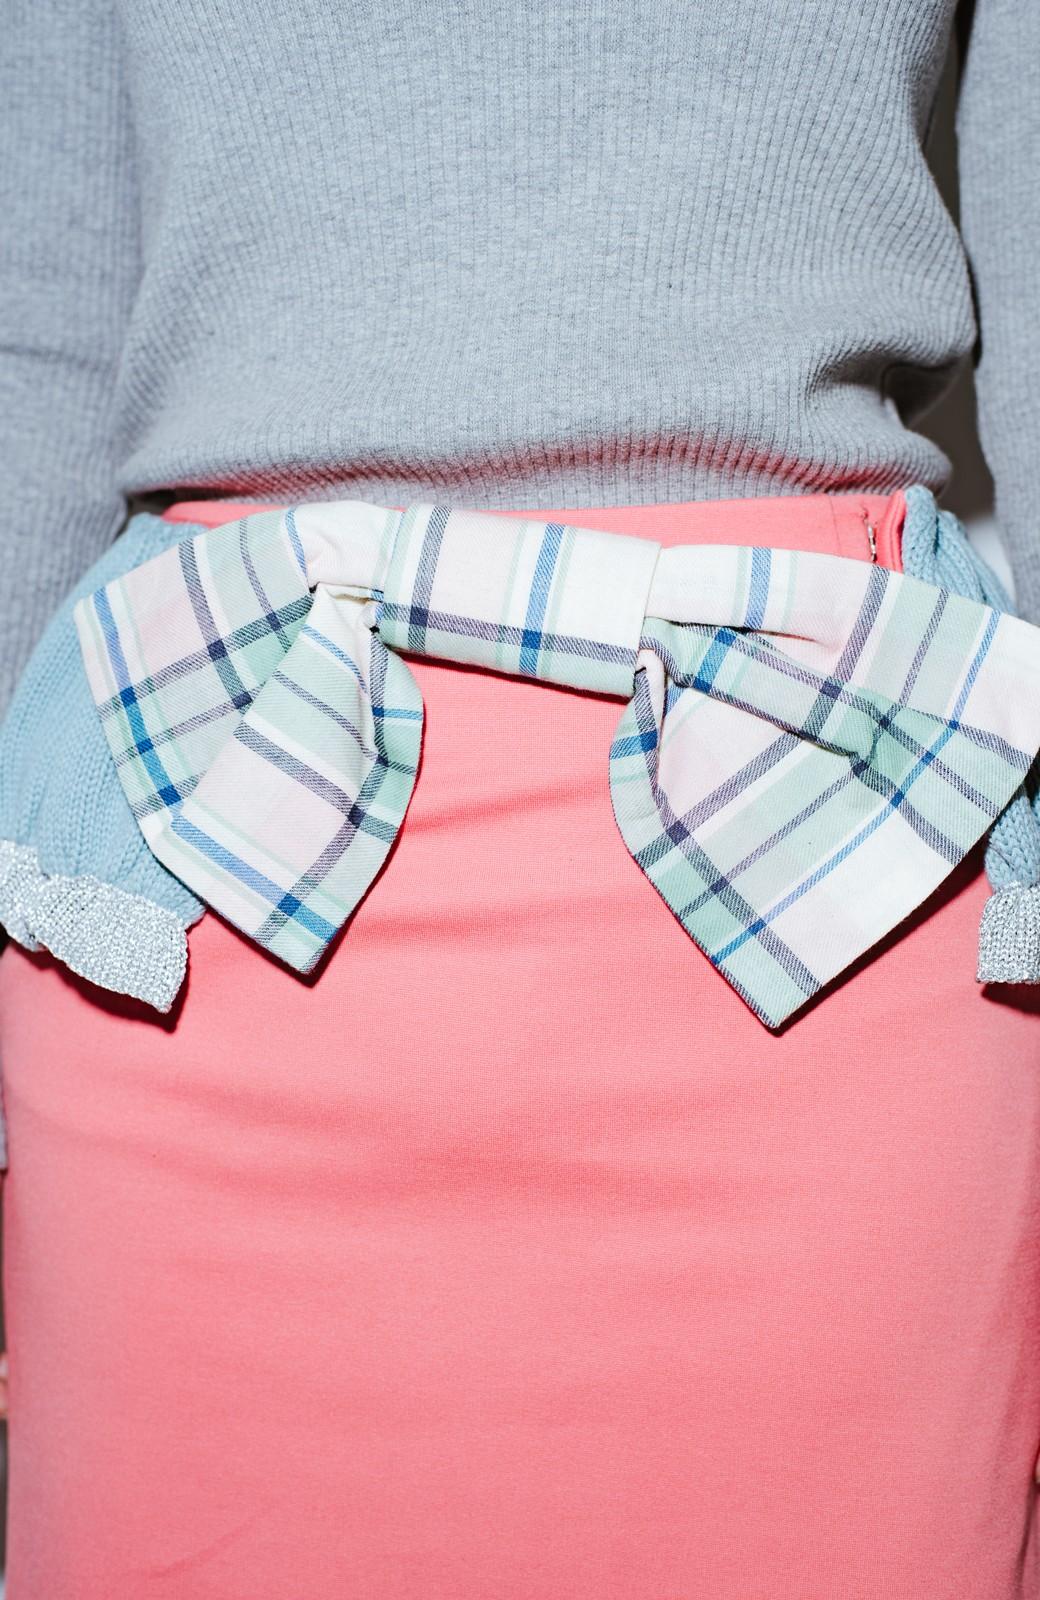 haco! co&tion accoニットフリルのスカート【アーティスト作品1点もの】 <サーモンピンク>の商品写真7